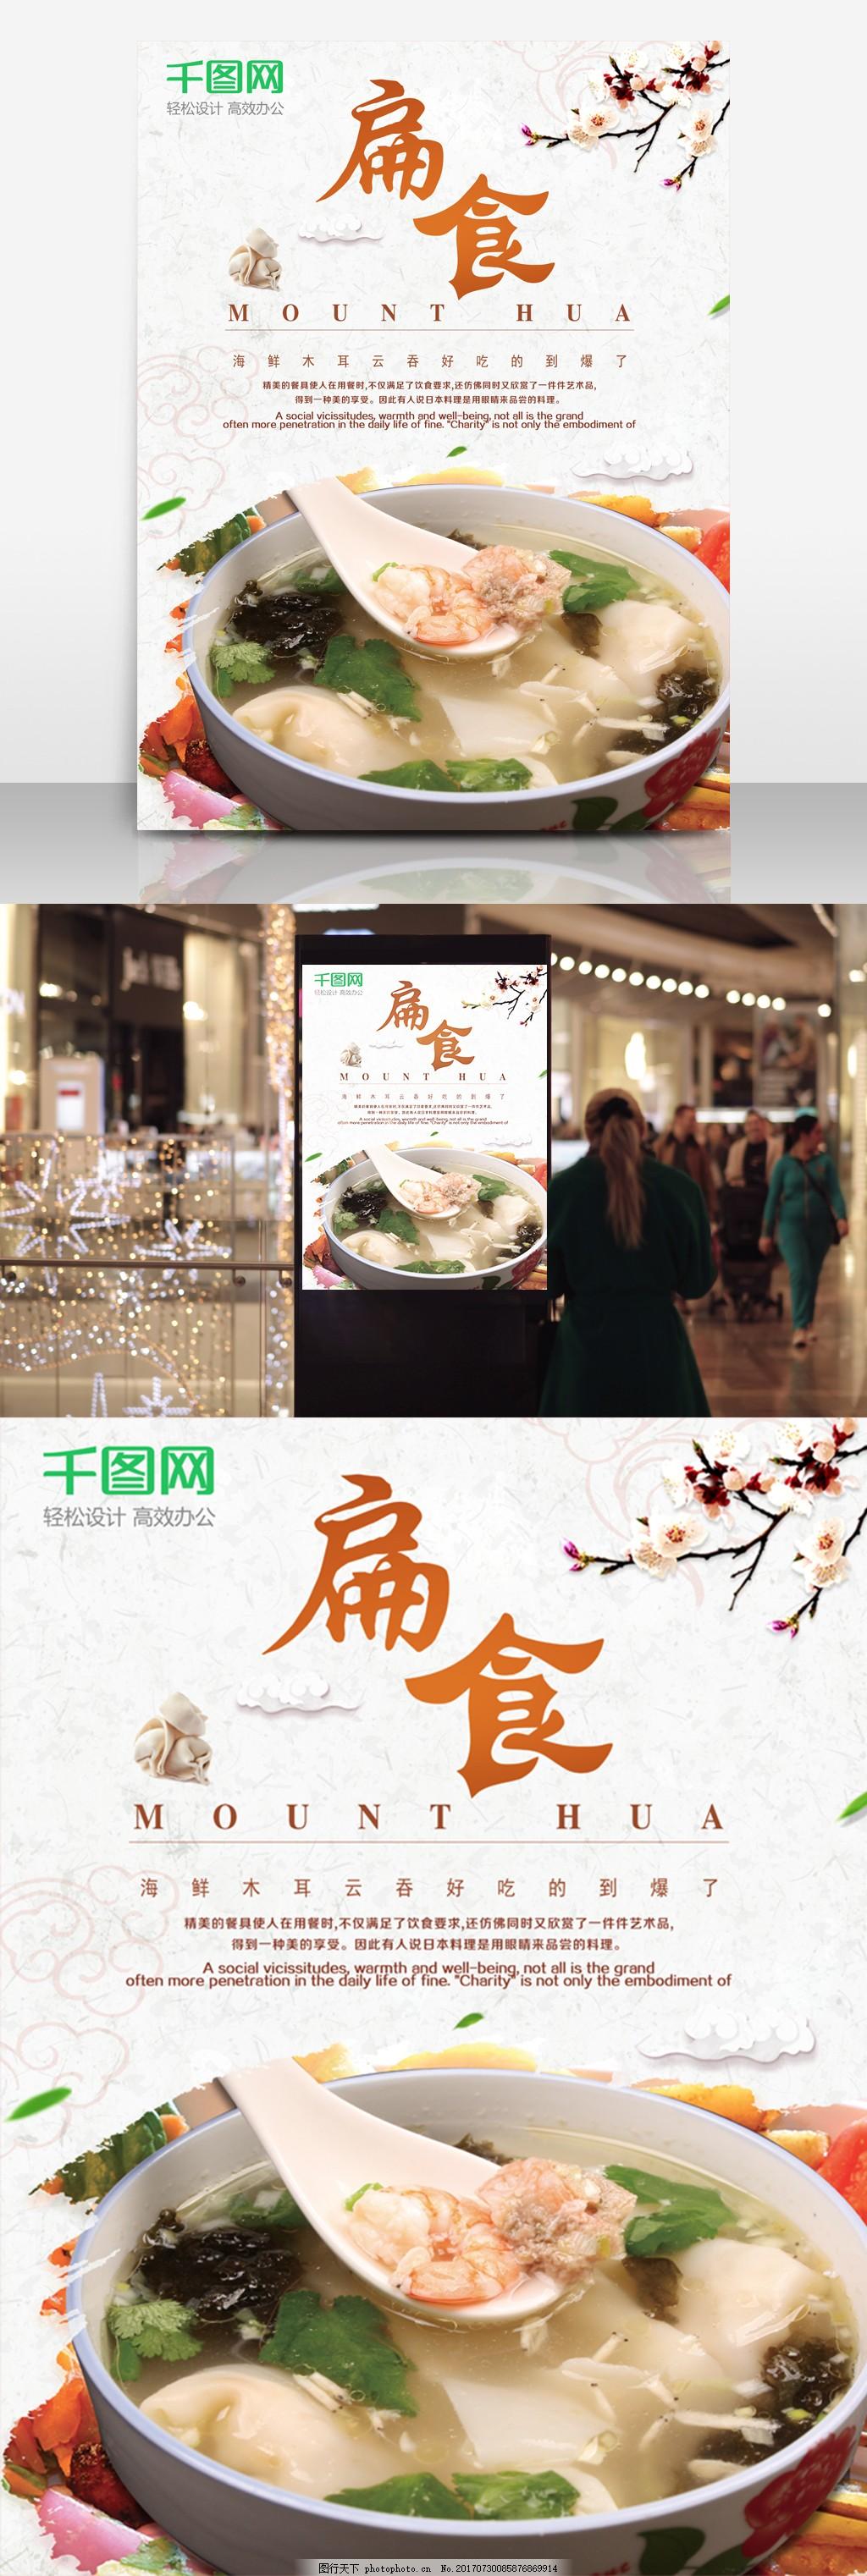 扁食创意美食宣传沙县小吃海报 云吞 抄手 云吞面 三鲜云吞 清汤